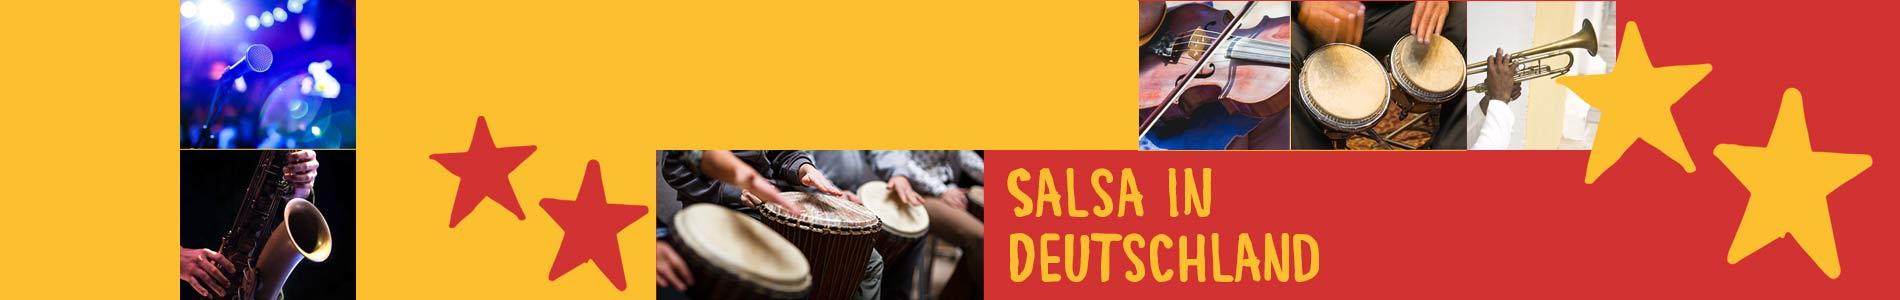 Salsa in Bürgel – Salsa lernen und tanzen, Tanzkurse, Partys, Veranstaltungen